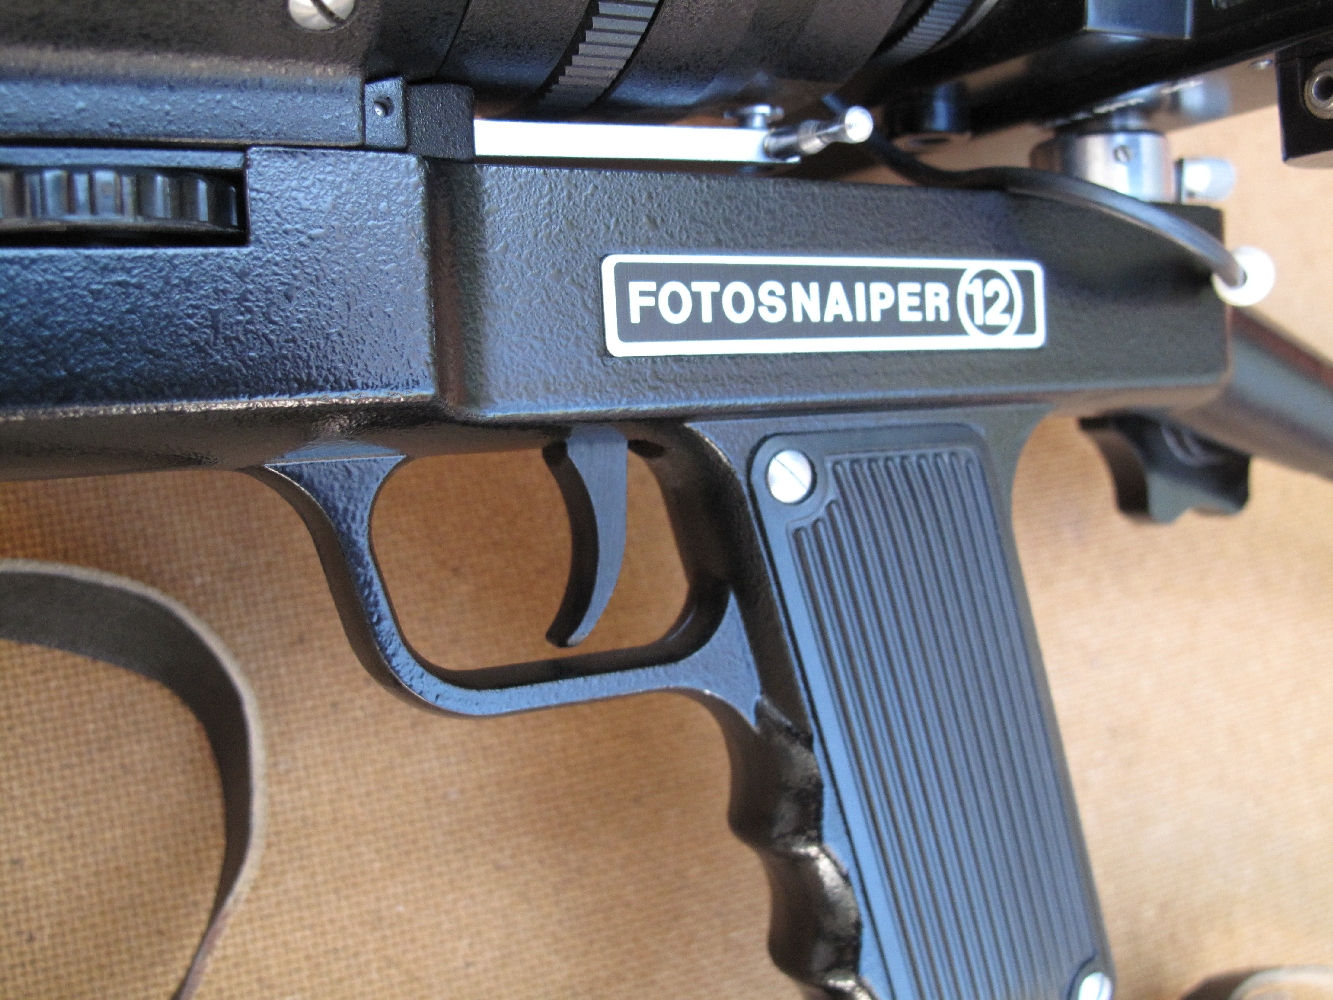 Cet ensemble photographique destiné à l'exportation reçoit des appellations différentes, comme « Photosnaiper » ou « PhotoSniper », en fonction sans doute du pays auquel il est destiné.